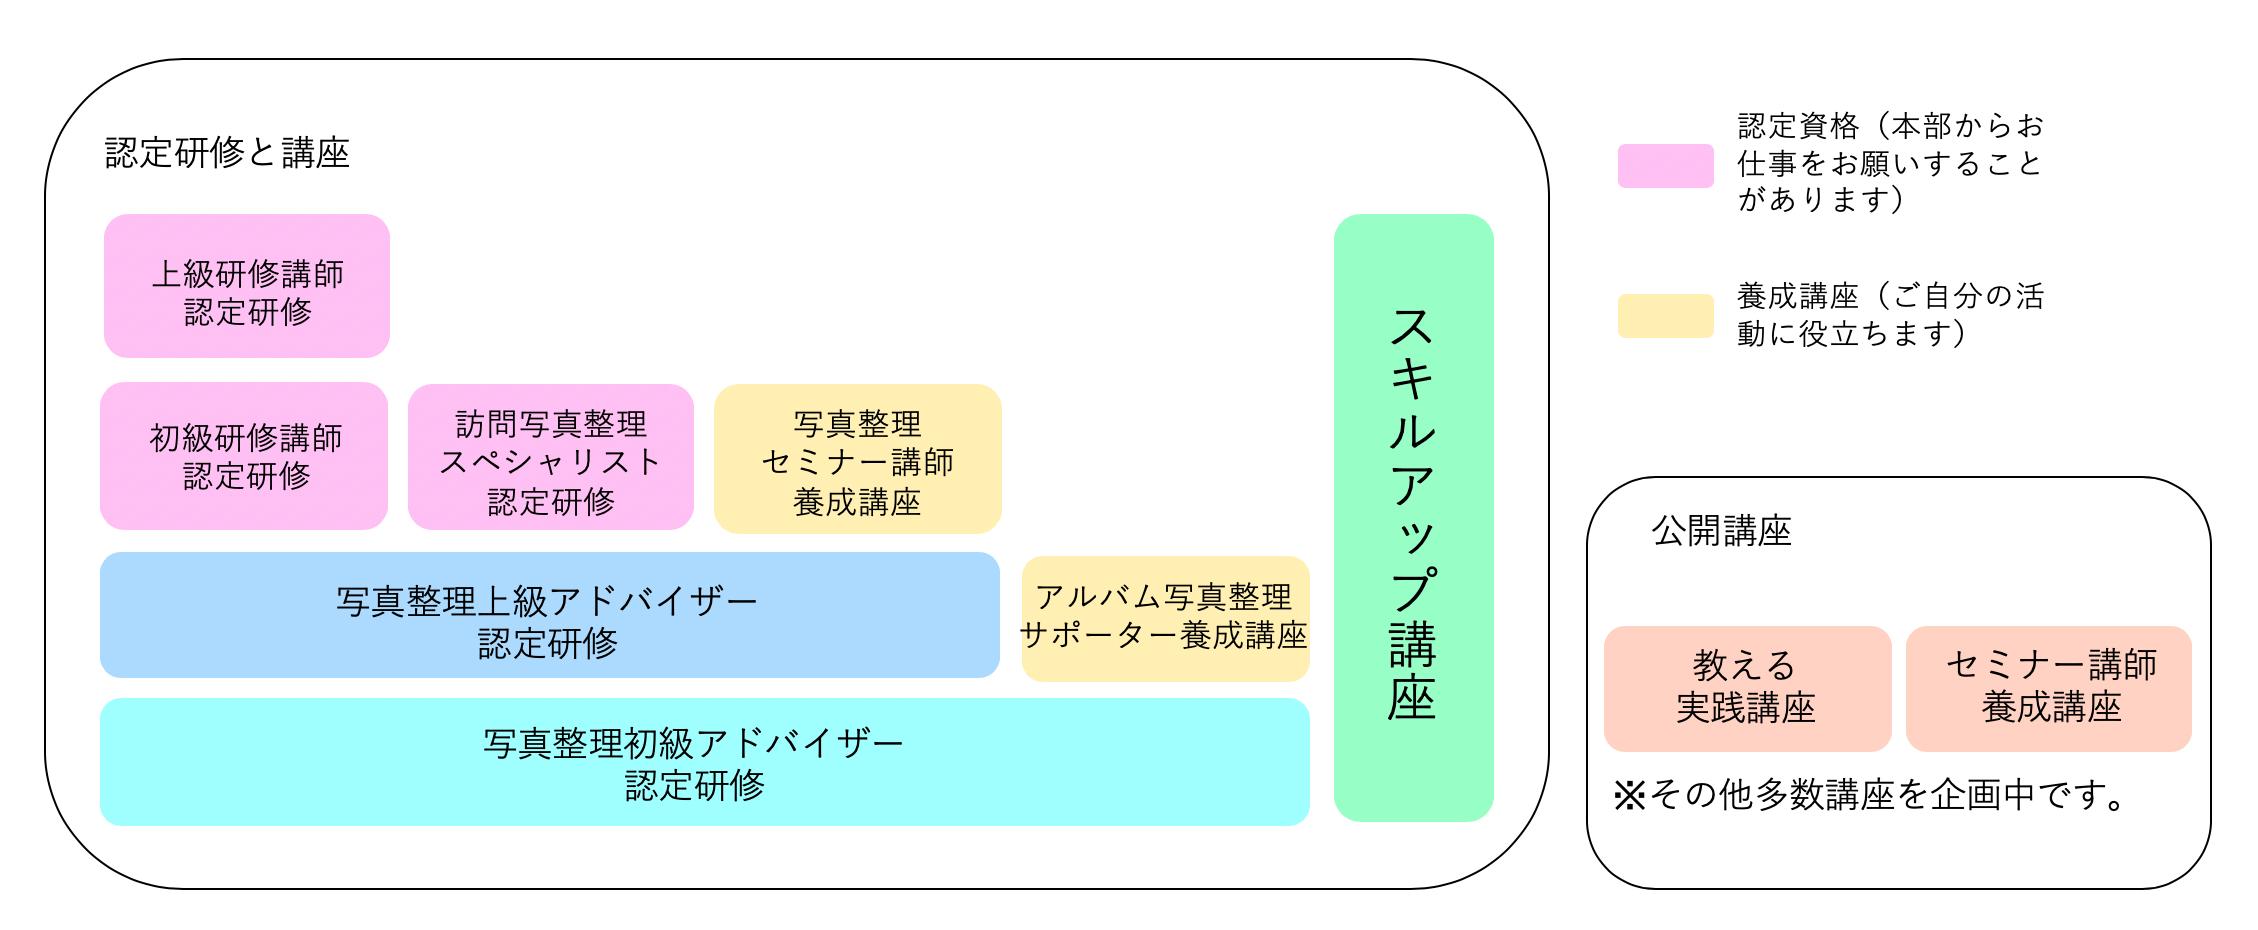 研修の流れ(フロー図)